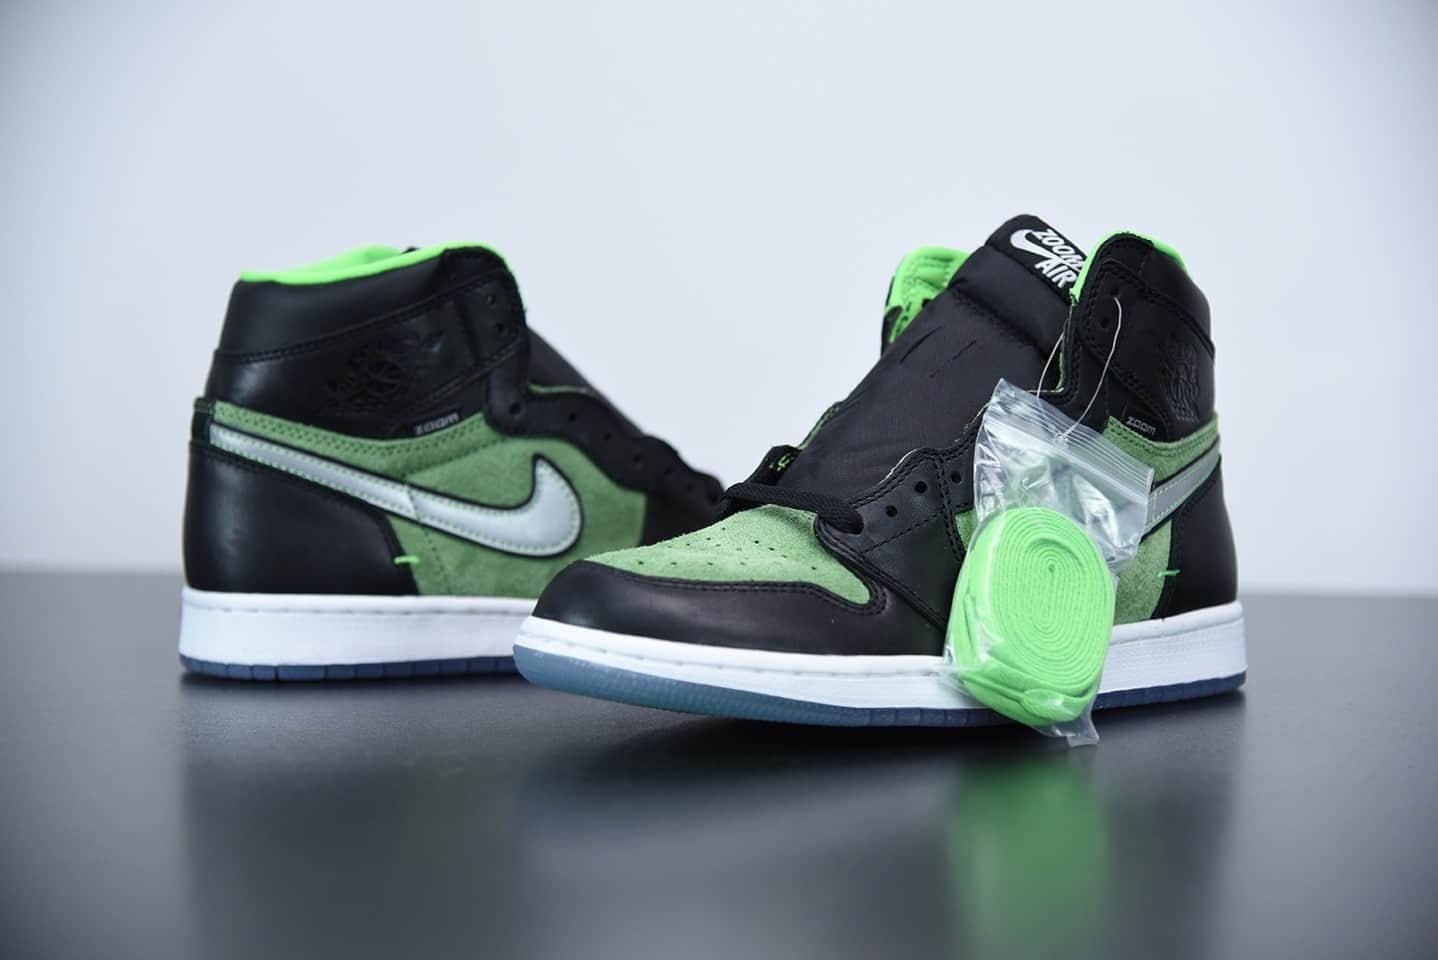 乔丹Air Jordan 1 High Zoom R2TRage Green黑绿小丑复古经典高帮百搭文化篮球鞋纯原版本 货号:CK6637-002